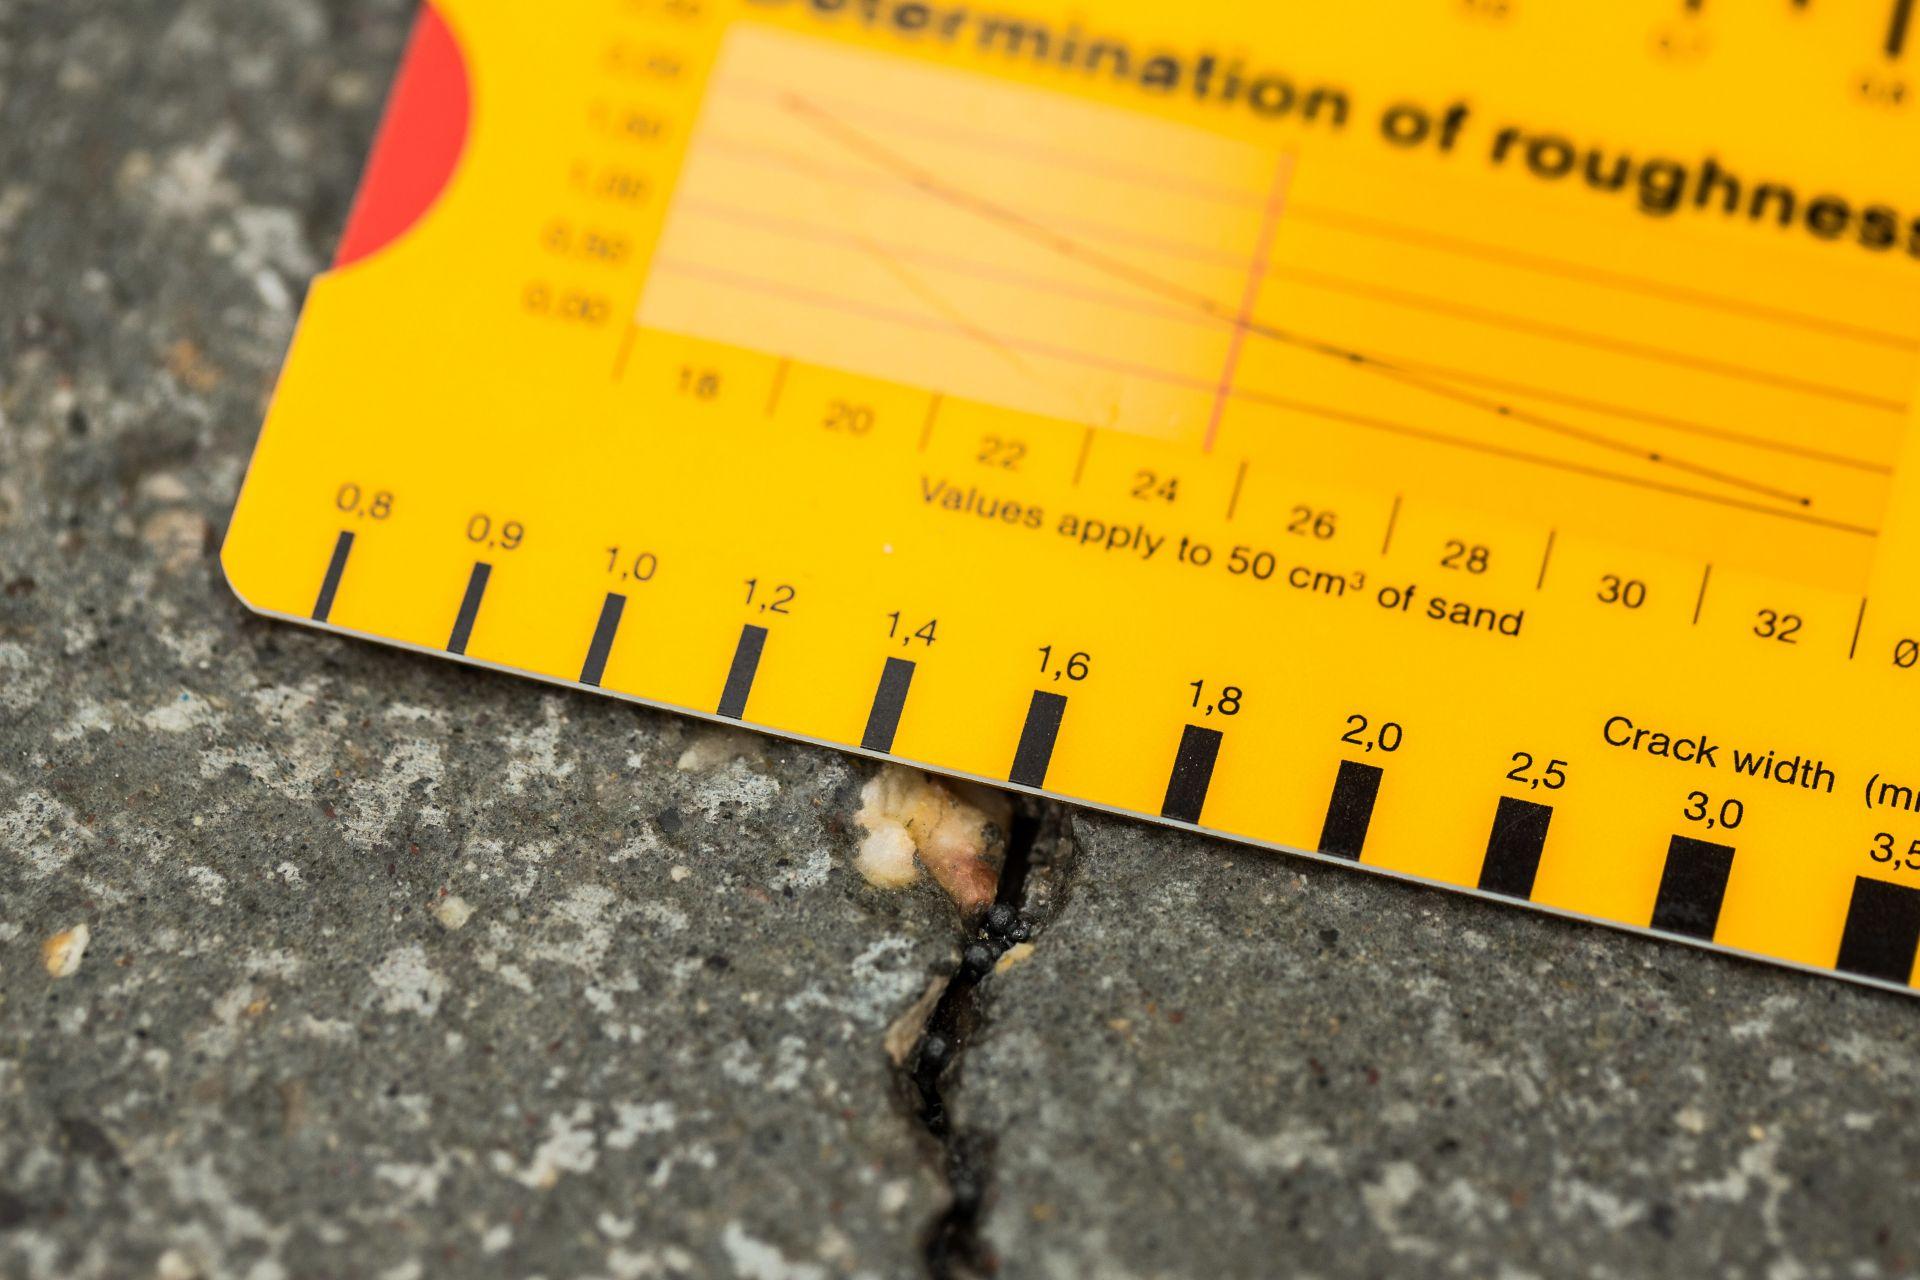 停车场地板上1.6毫米宽的裂缝